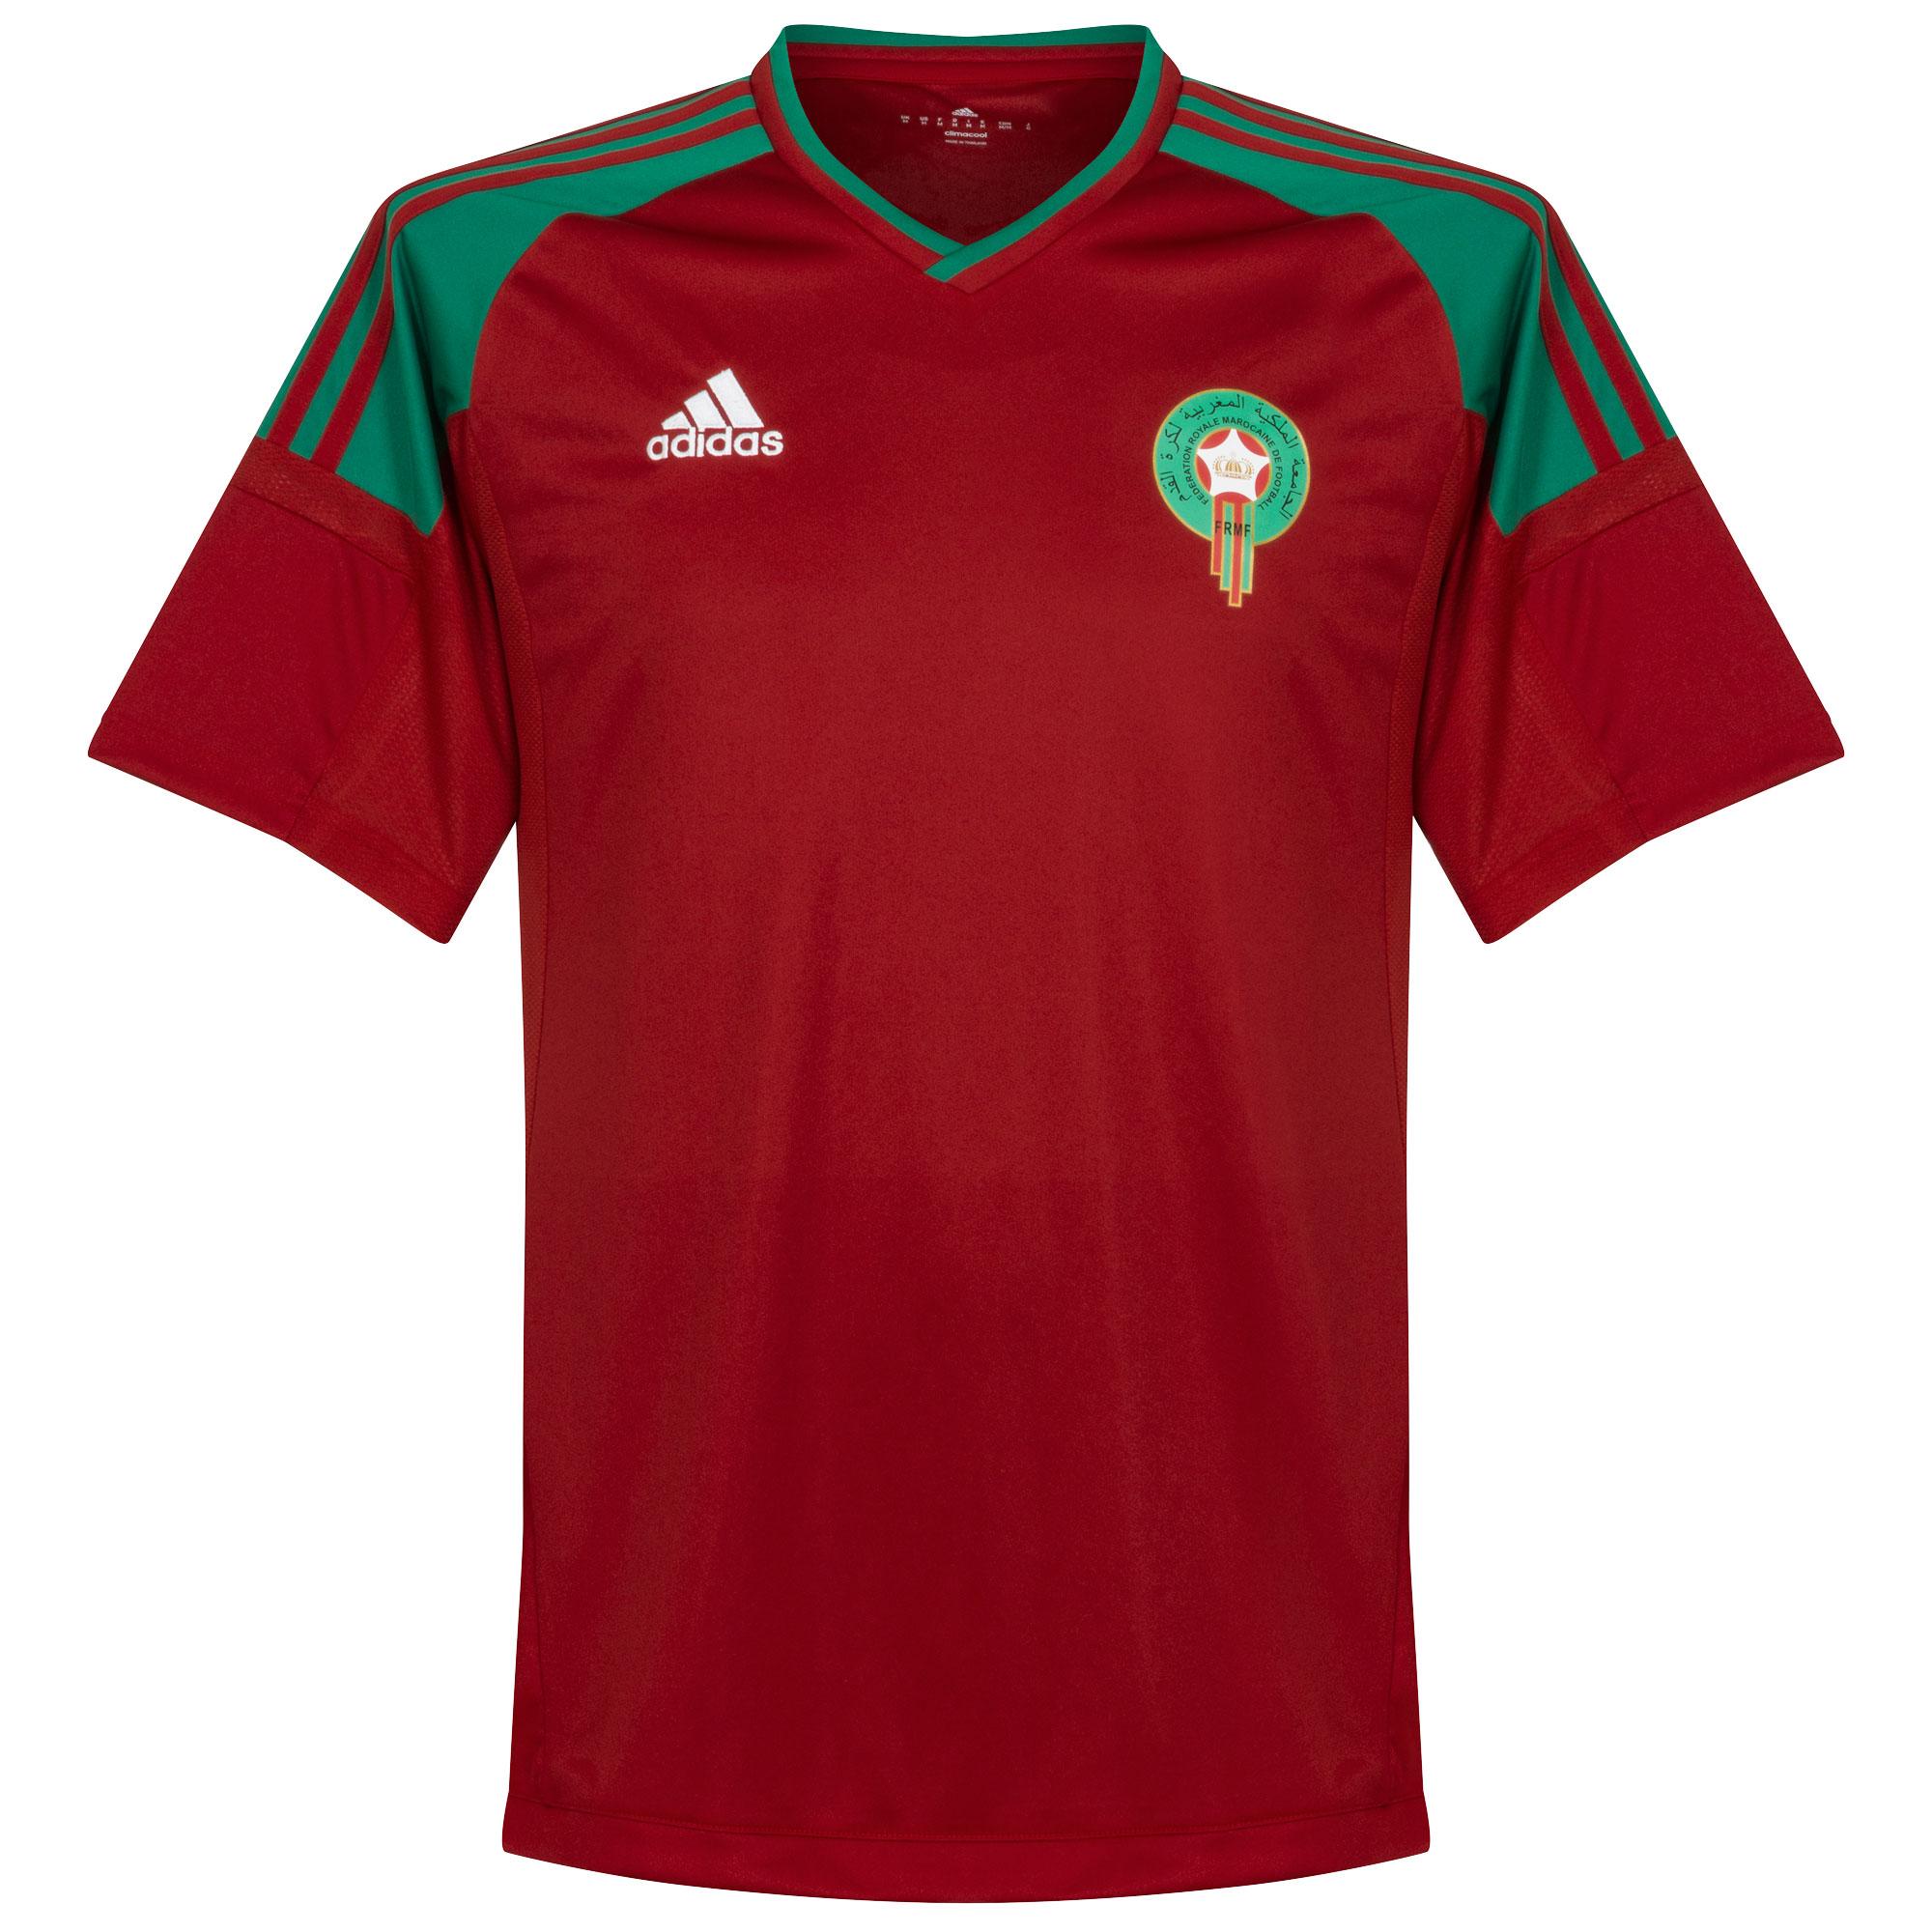 2017 Morocco Home Shirt - 46